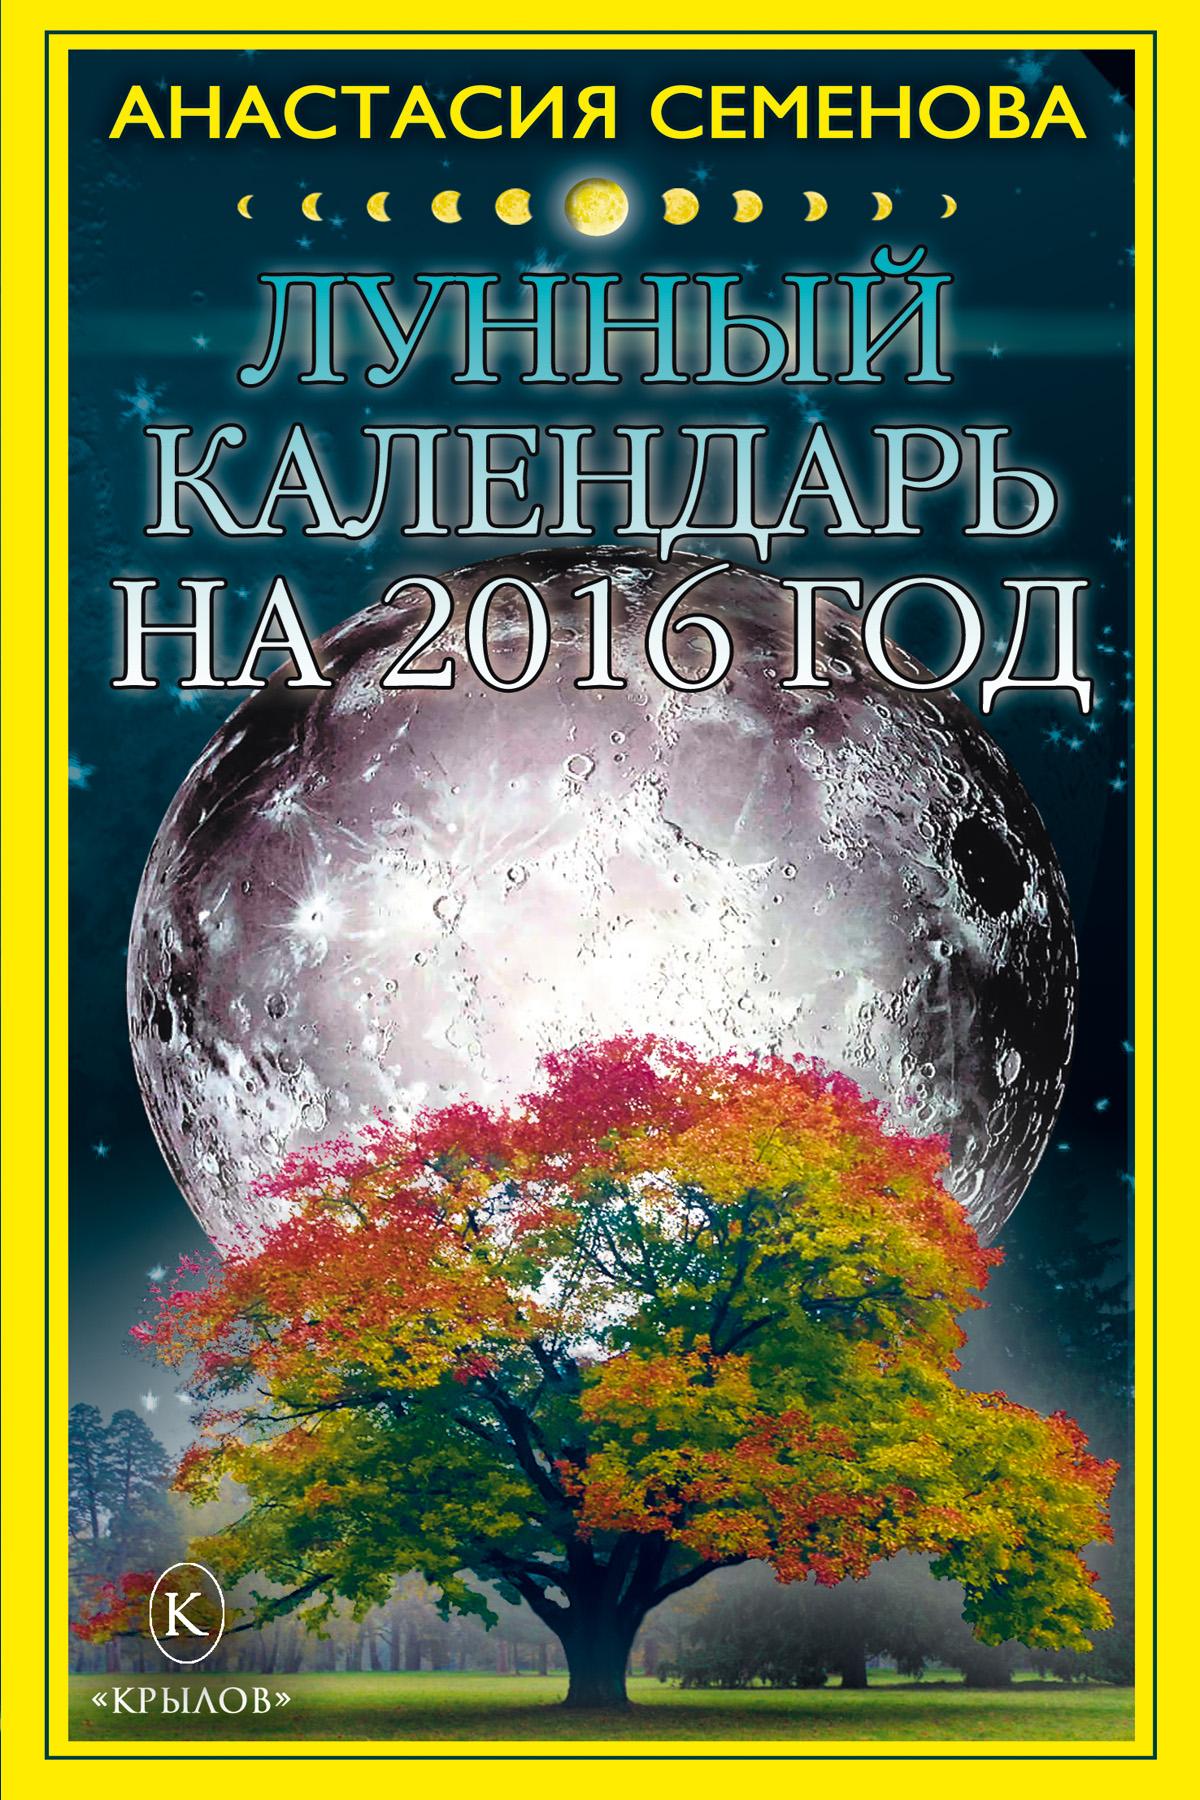 Анастасия Семенова Лунный календарь на 2016 год нина виноградова лунный календарь богатства и успеха на 2016 год